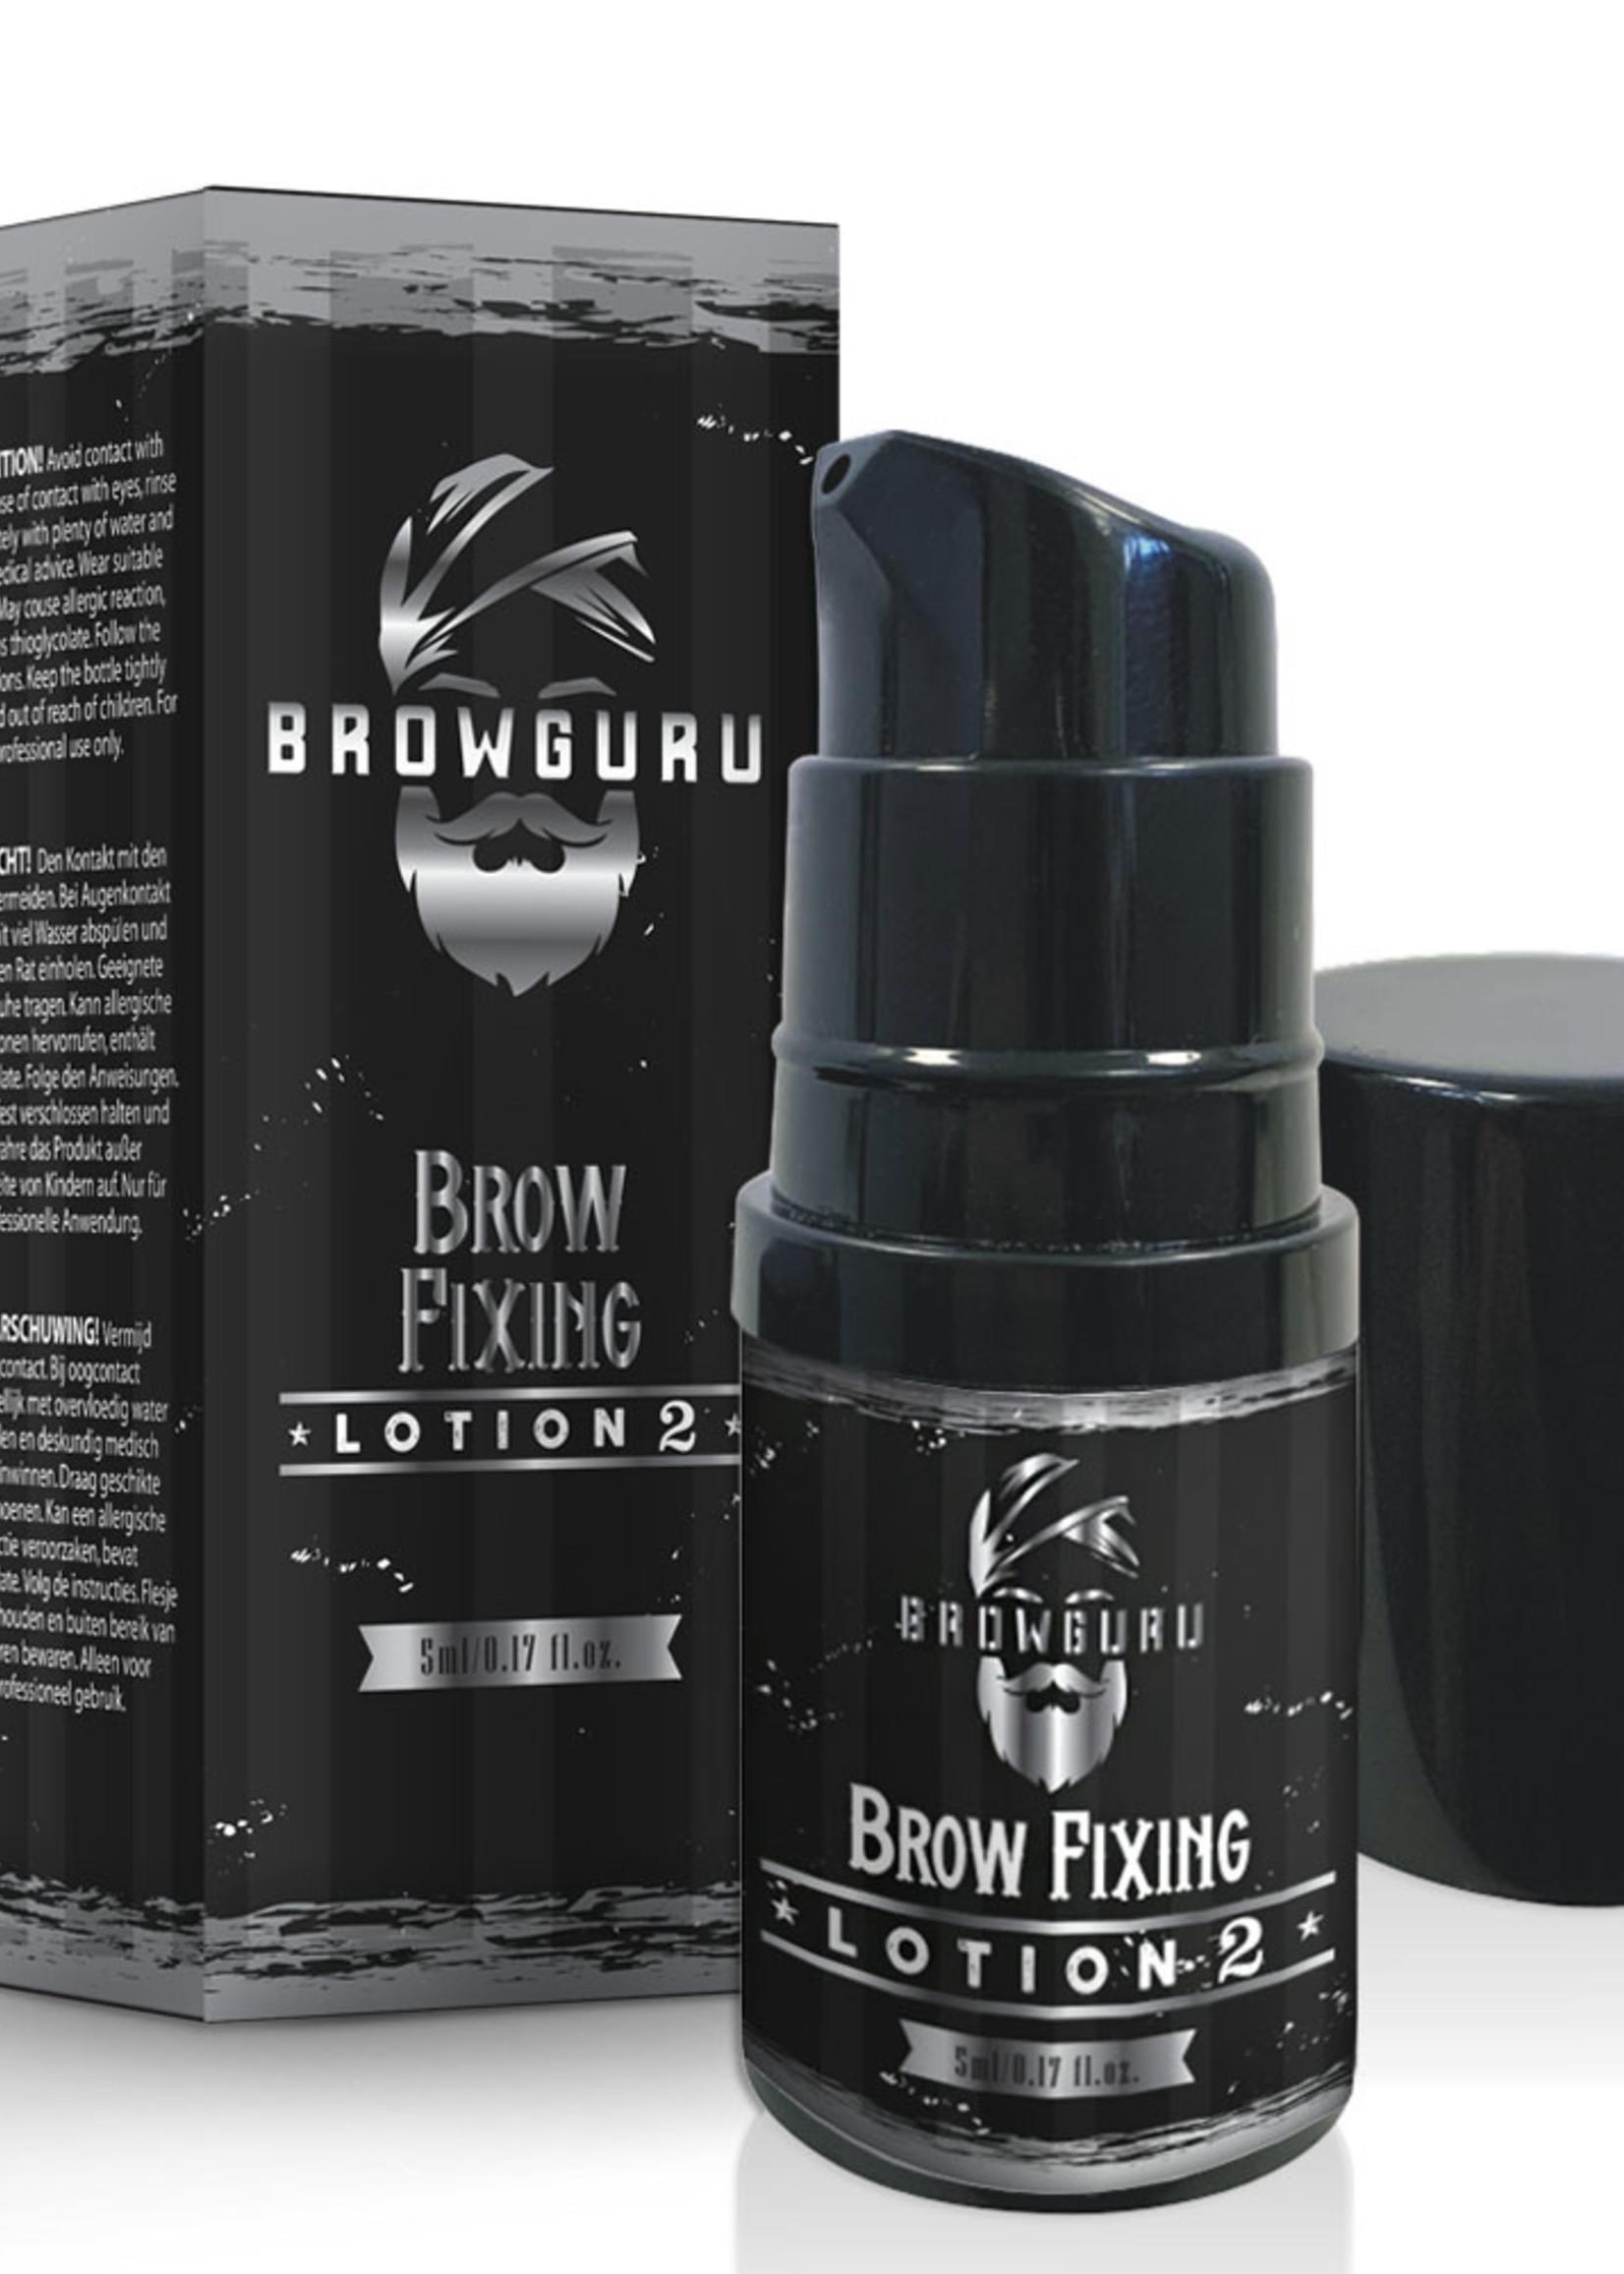 Browguru® Browlift Fixing Lotion 2  5ml